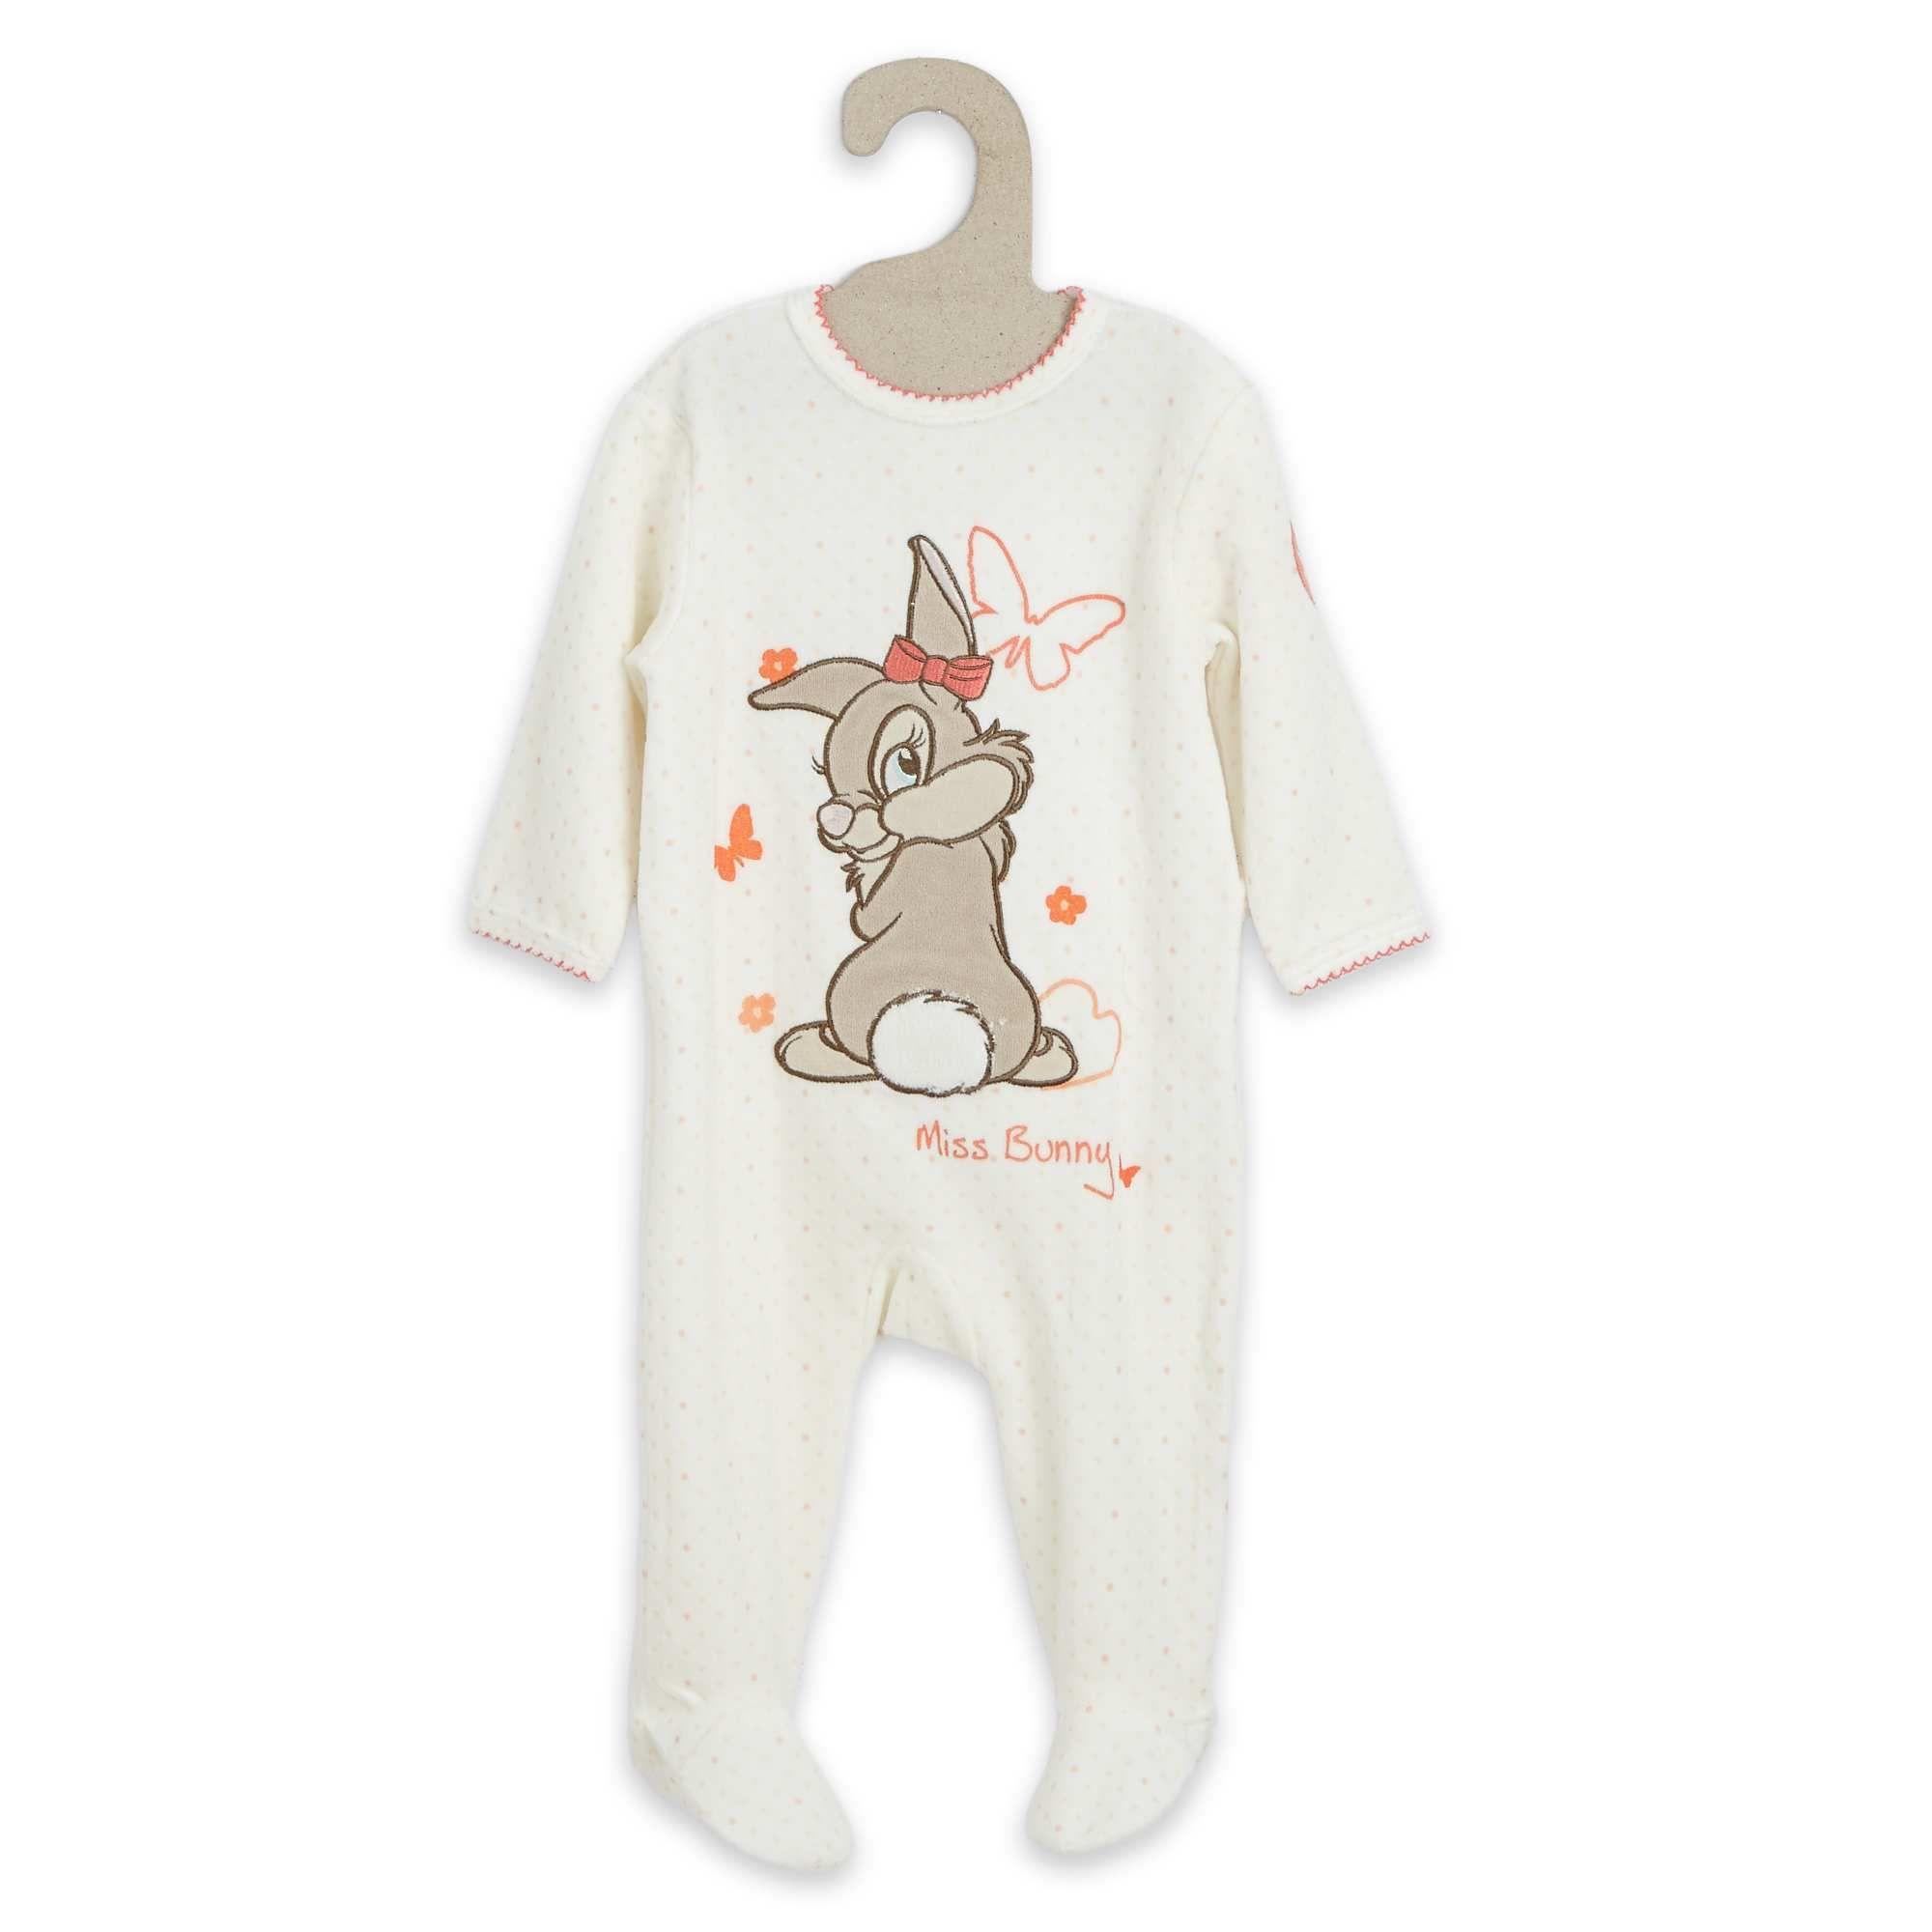 c5ec1ade00b9e pyjama disney bebe. Je veux voir plus de Pyjamas bien notés par les  internautes et pas cher ICI